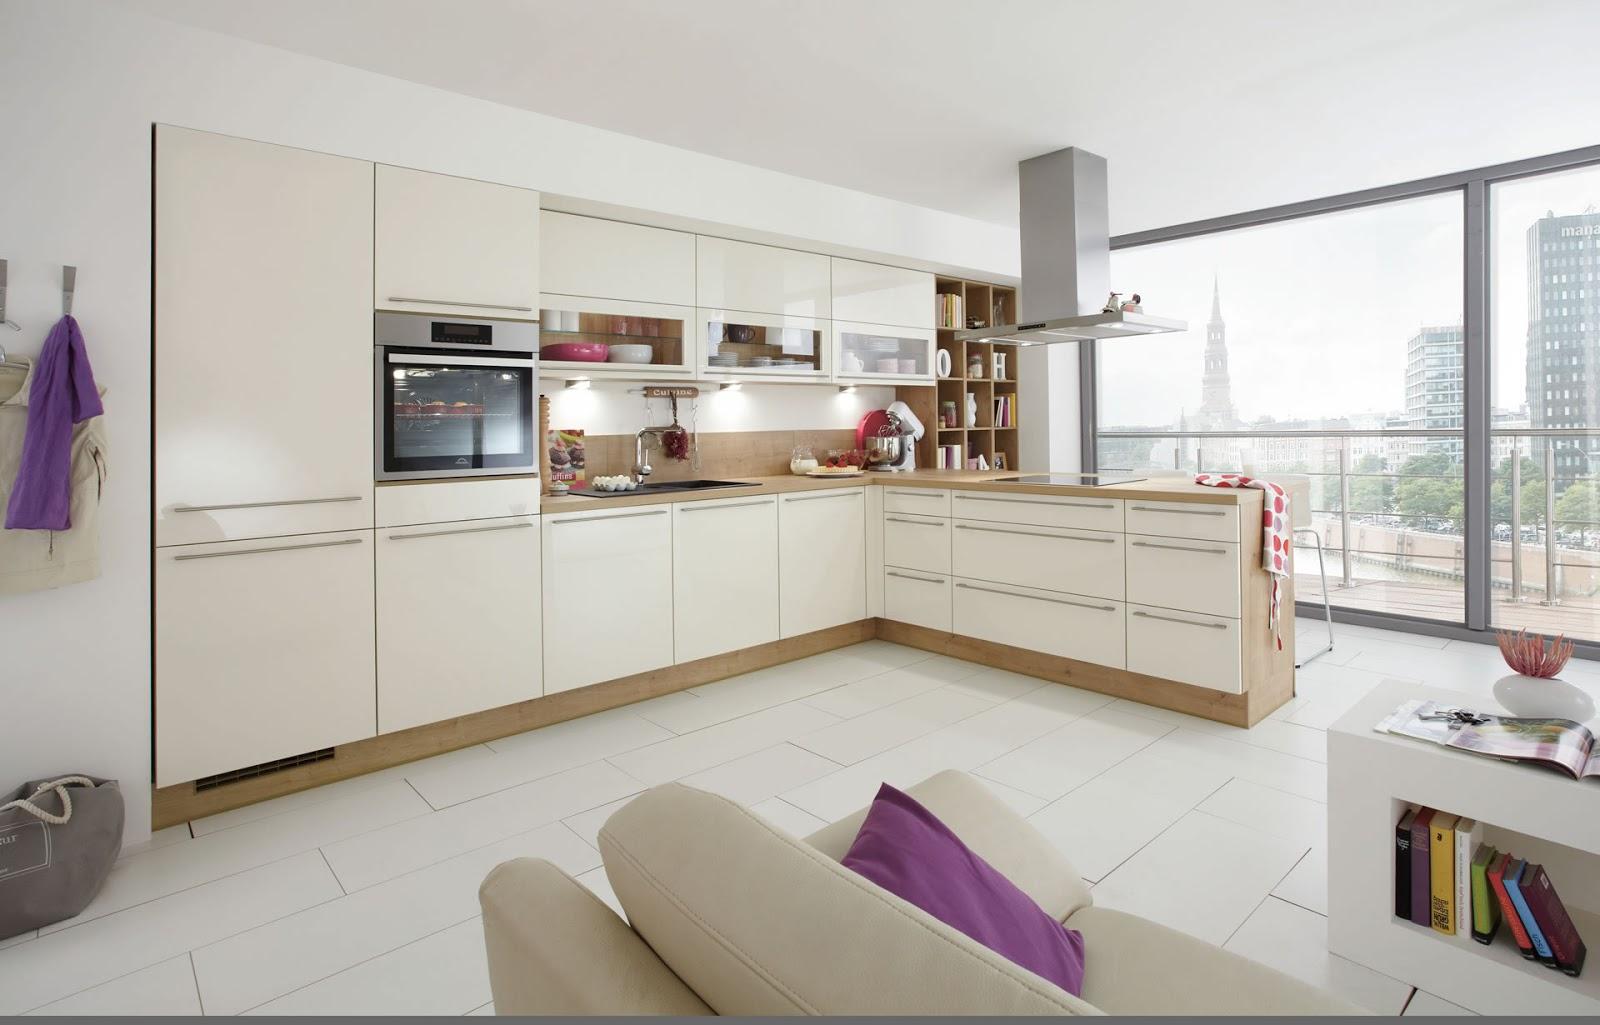 Quality Kitchen Cocinas Alemanas en Burgos : Una tendencia ...